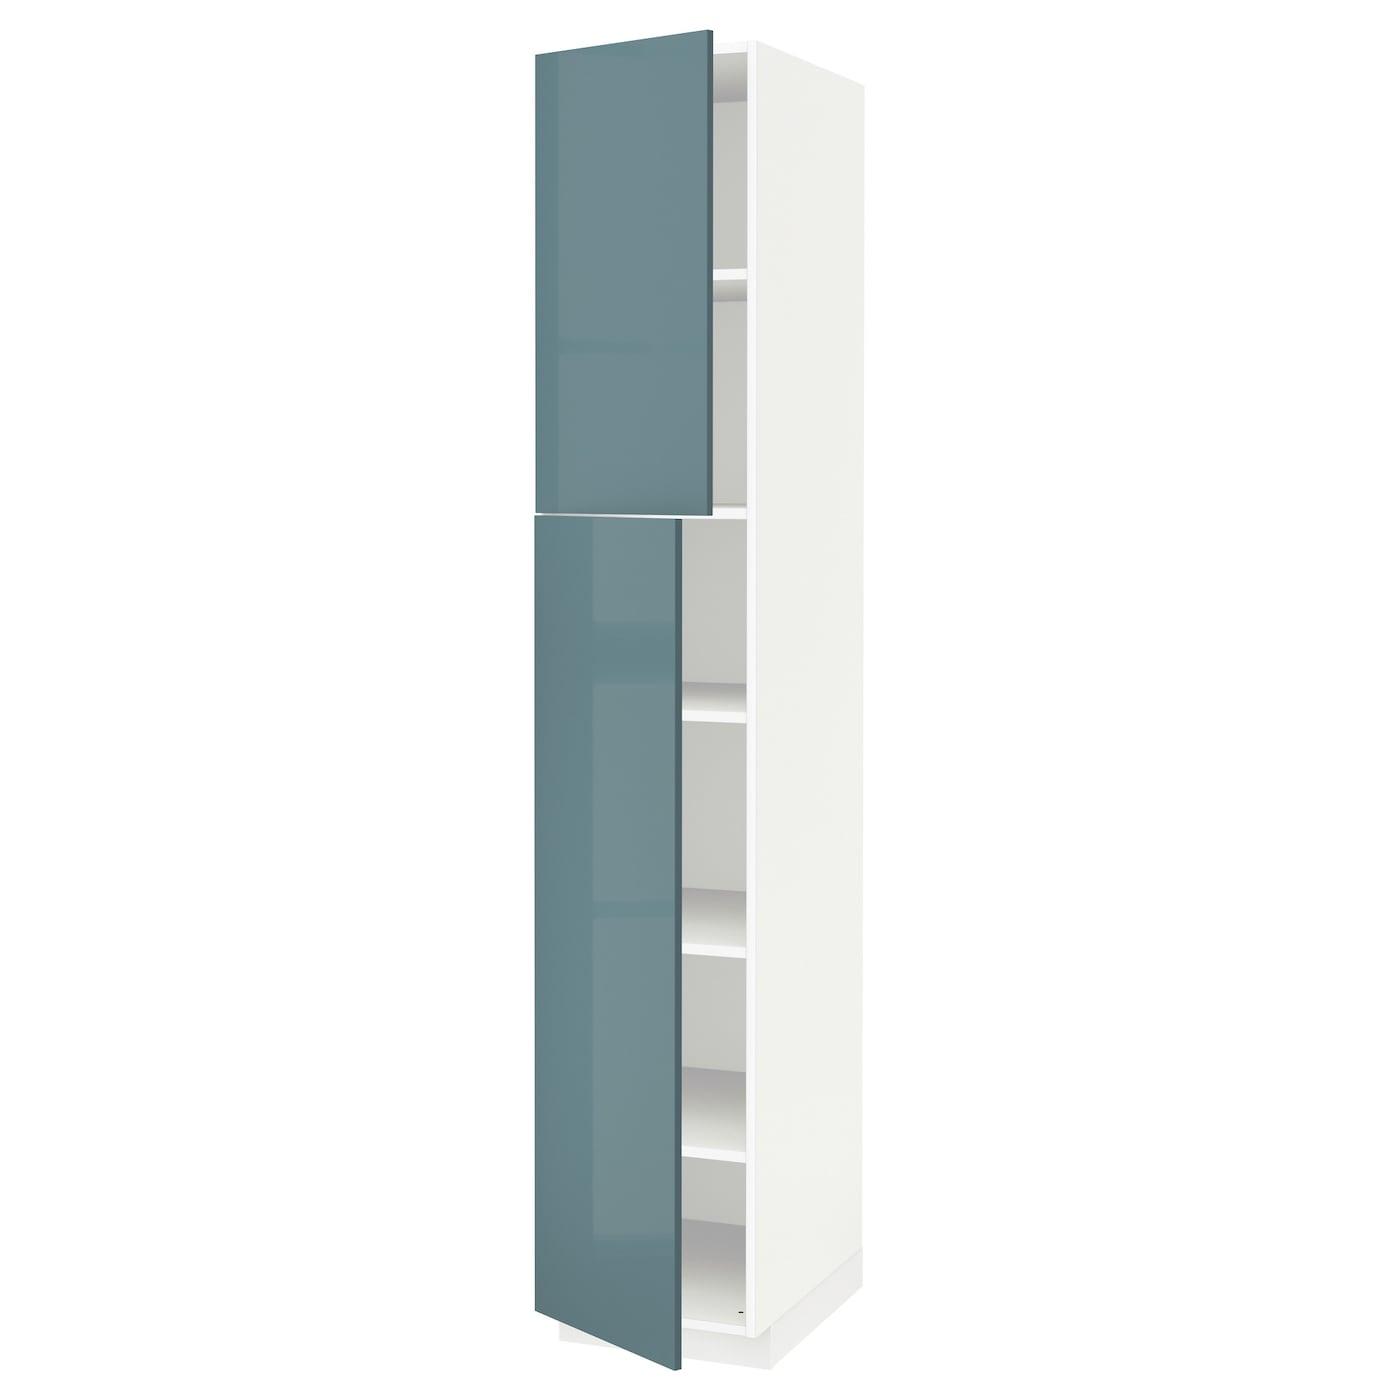 Metod armario alto cocina baldas puertas blanco kallarp - Ikea baldas cocina ...